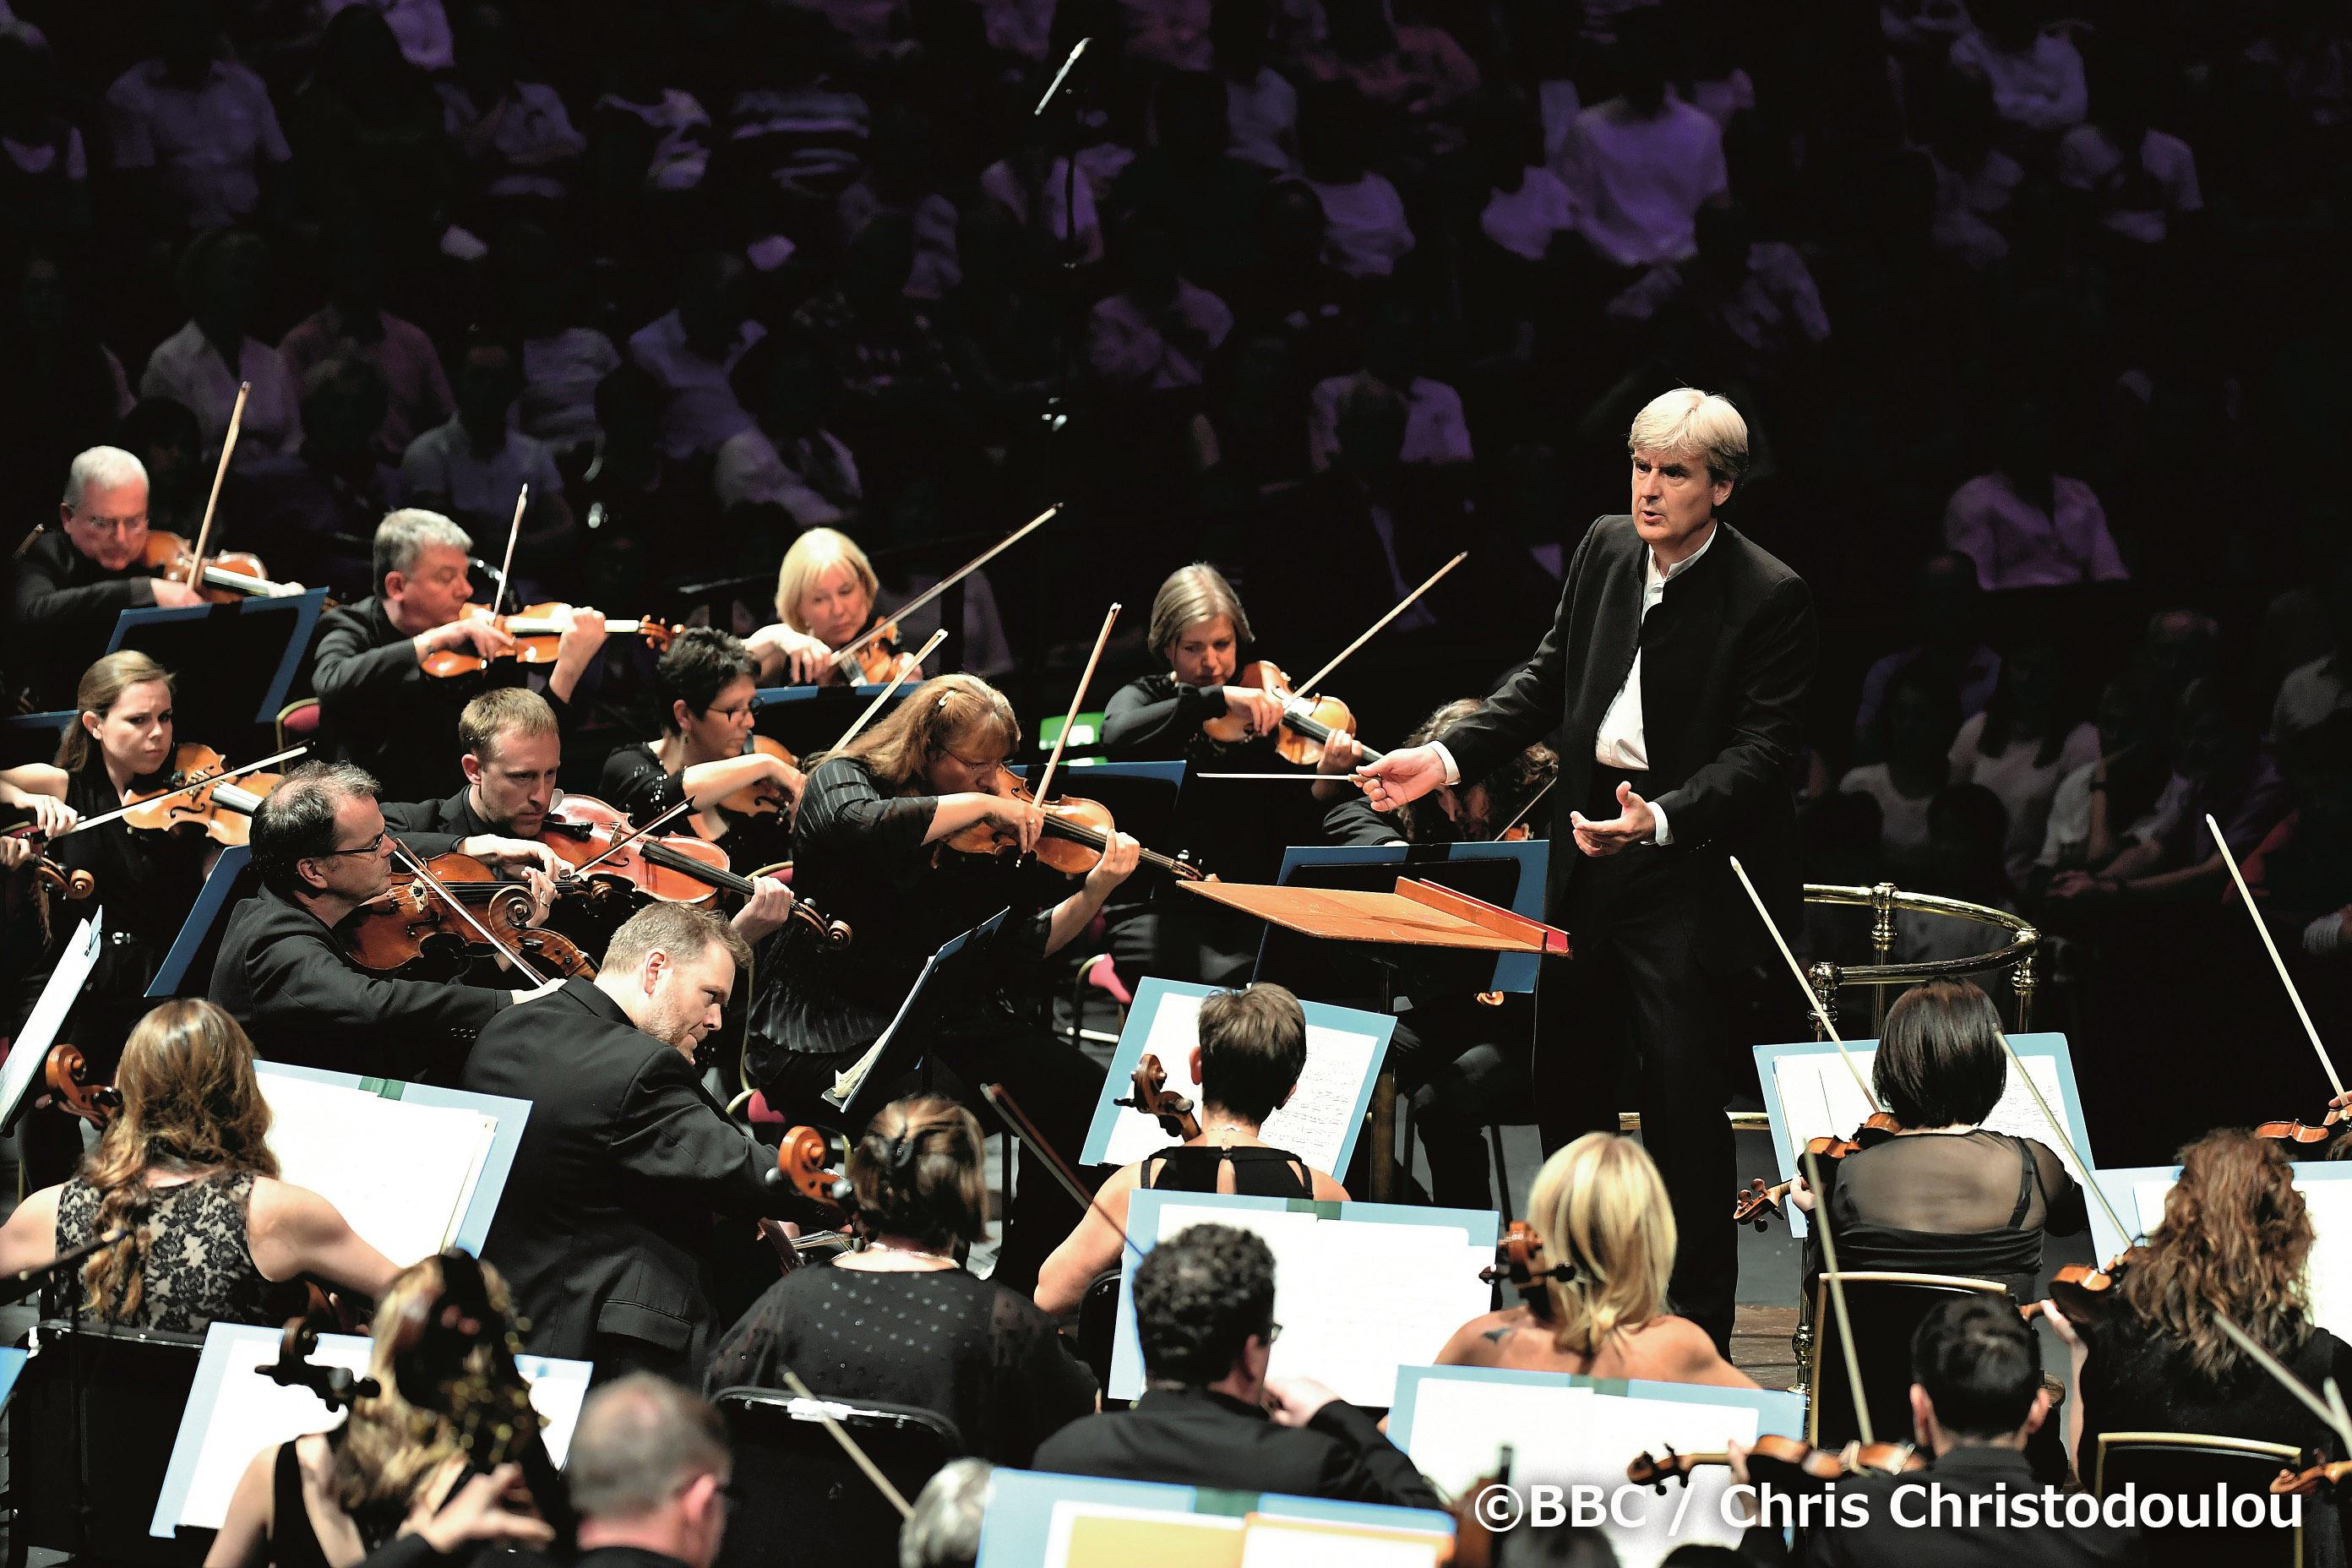 今回の日本公演でも指揮をおこなう指揮者、トーマス・ダウスゴーと、BBCスコティッシュ交響楽団